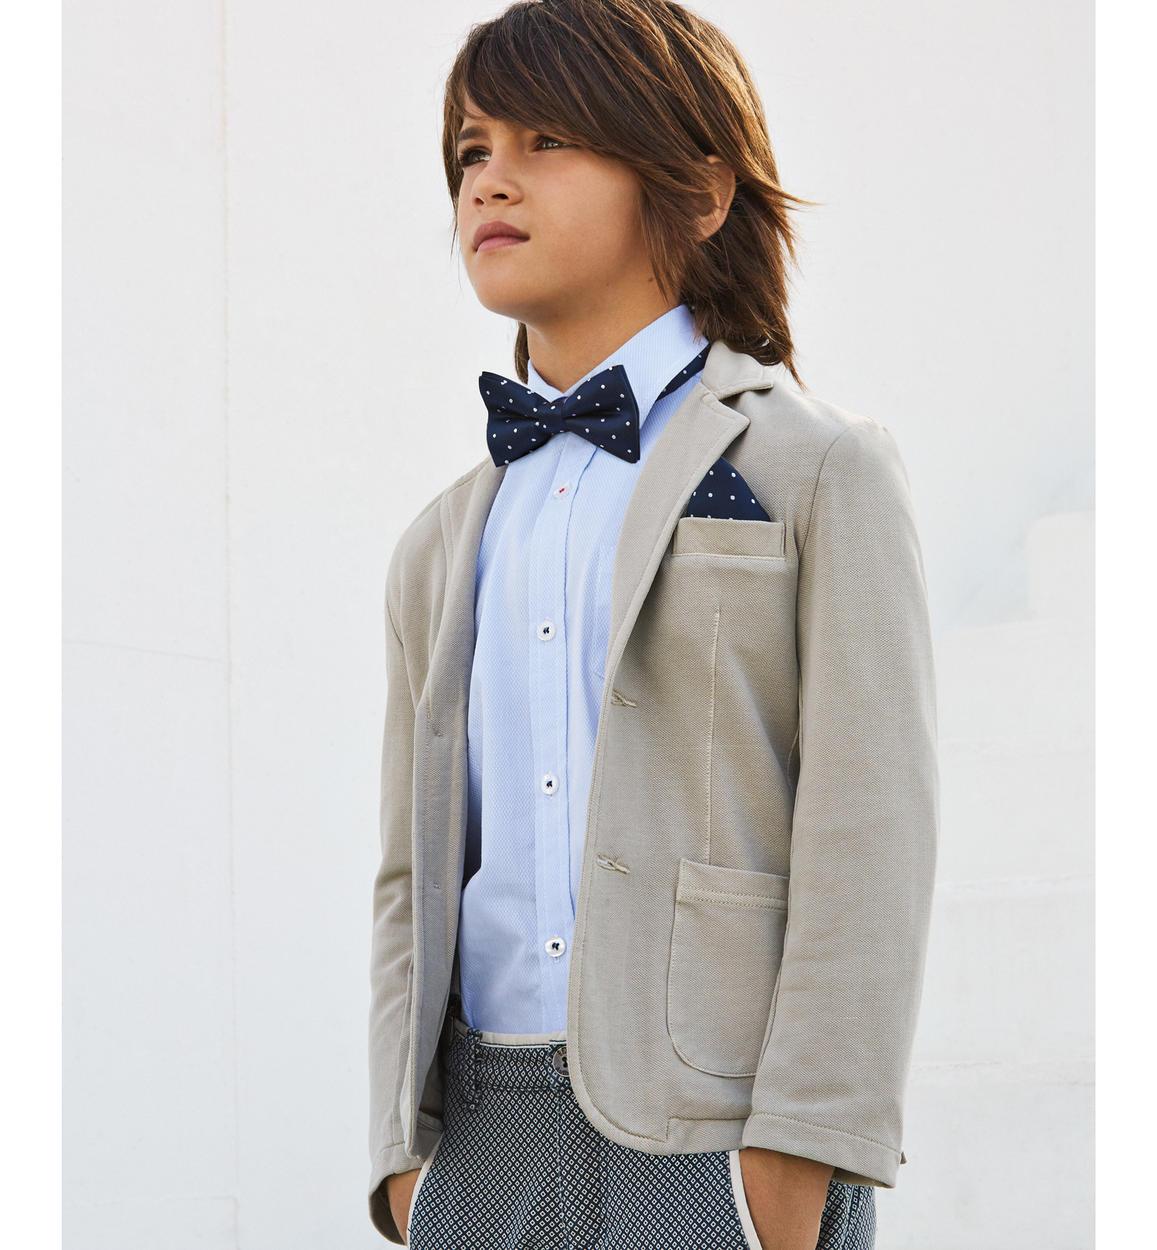 foto ufficiali 44a4d 78ab5 Elegante giacca modello avvitato in piquet stretch di cotone per bambino da  6 a 16 anni iDO